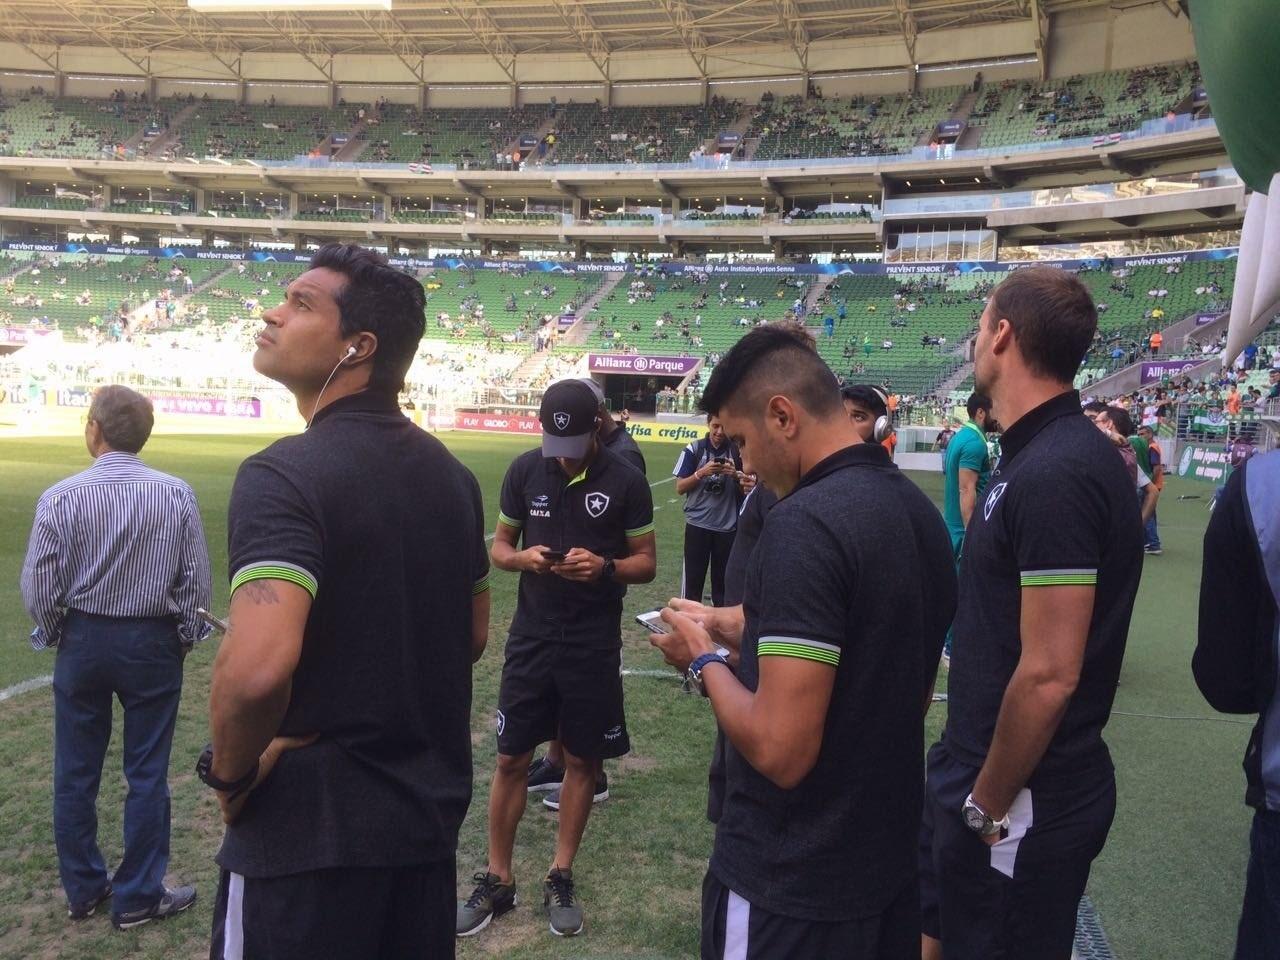 Jogadores do Botafogo fazem o reconhecimento do gramado antes da partida contra o Palmeiras